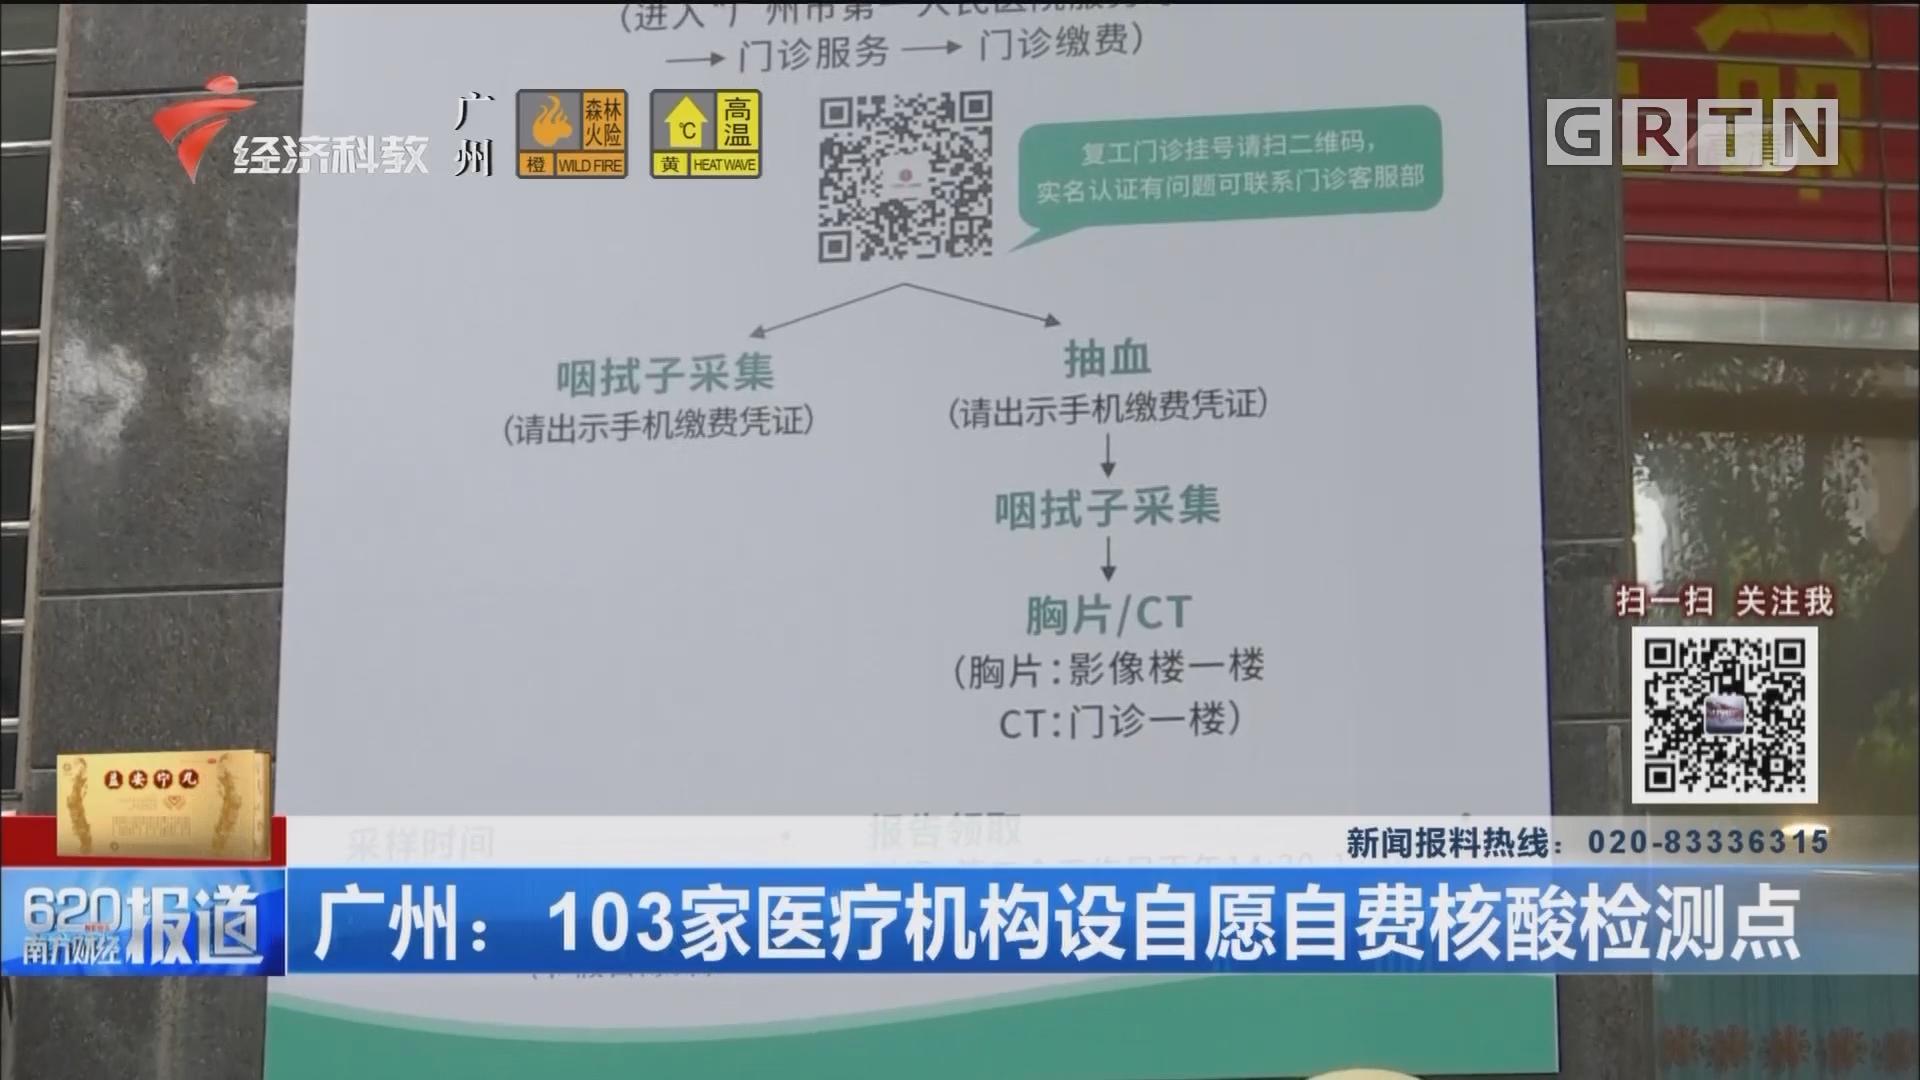 廣州:103家醫療機構設自愿自費核酸檢測點